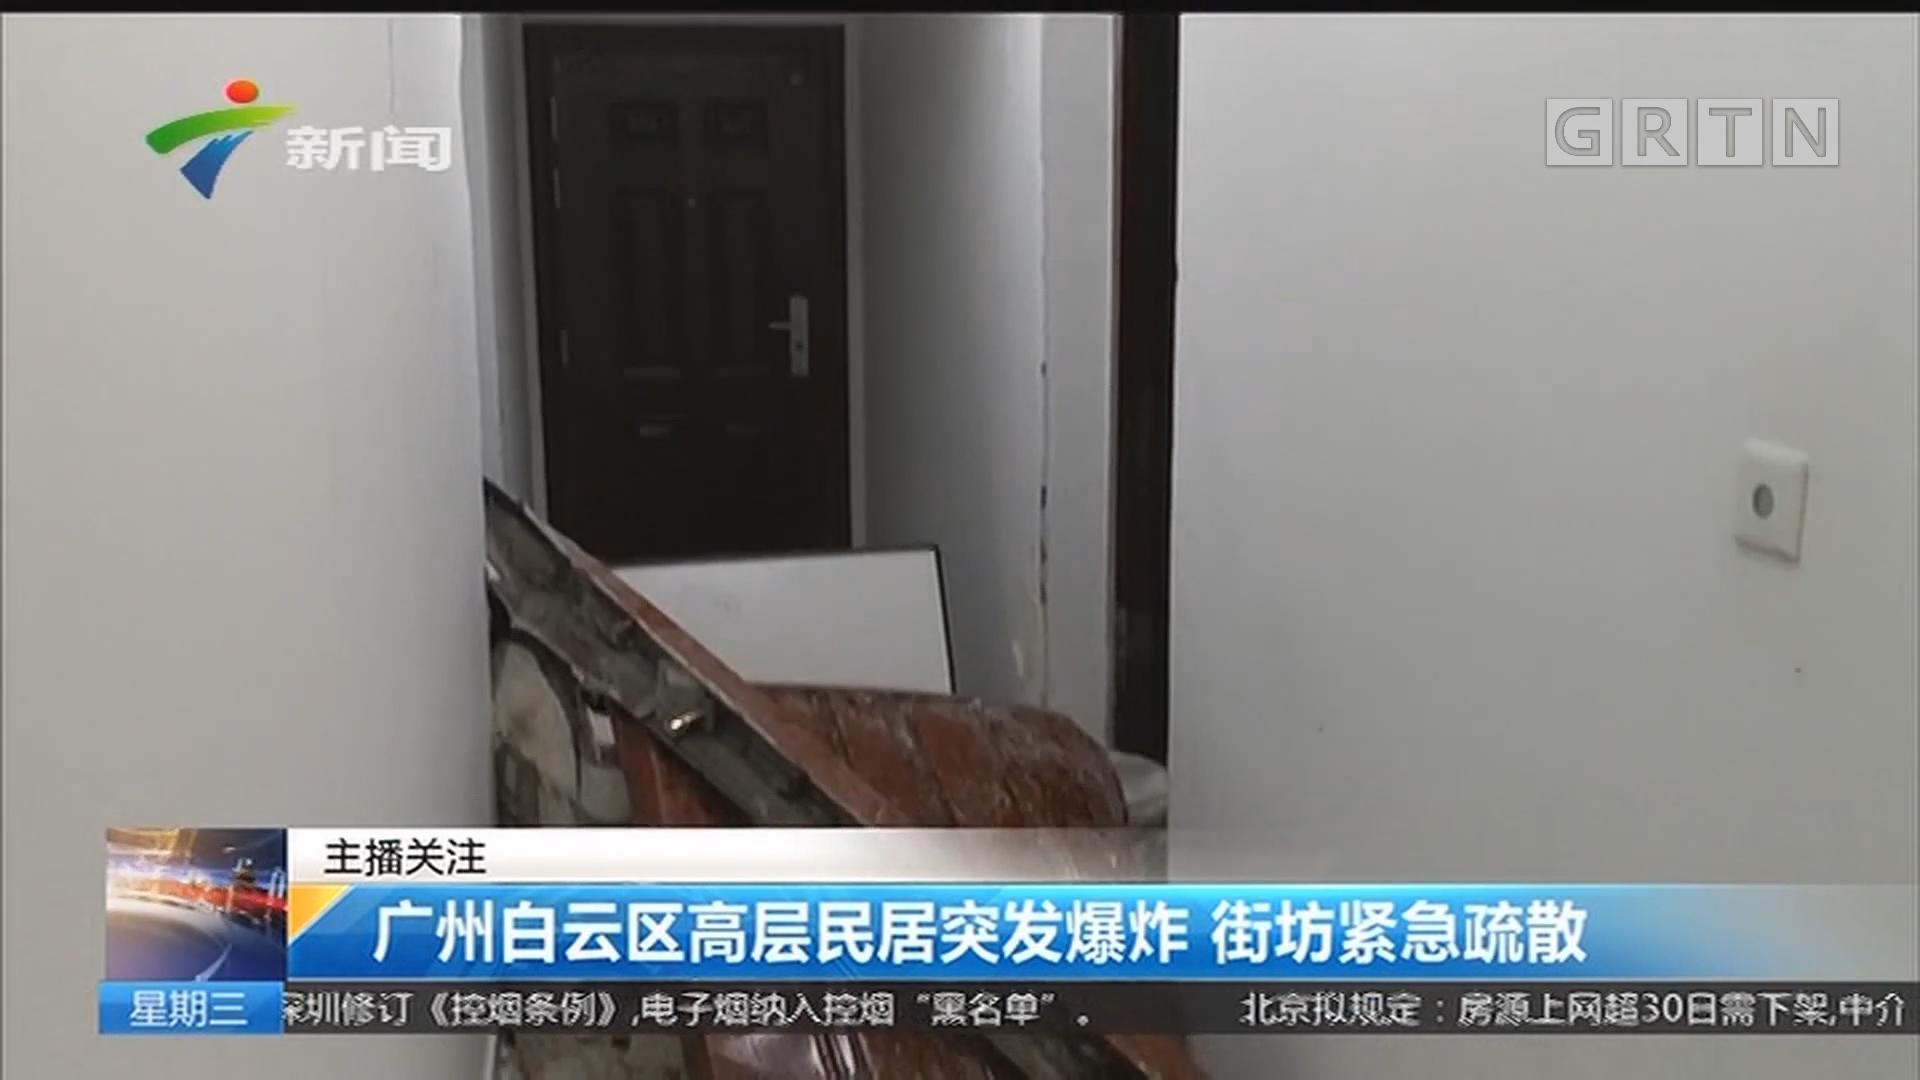 广州白云区高层民居突发爆炸 街坊紧急疏散